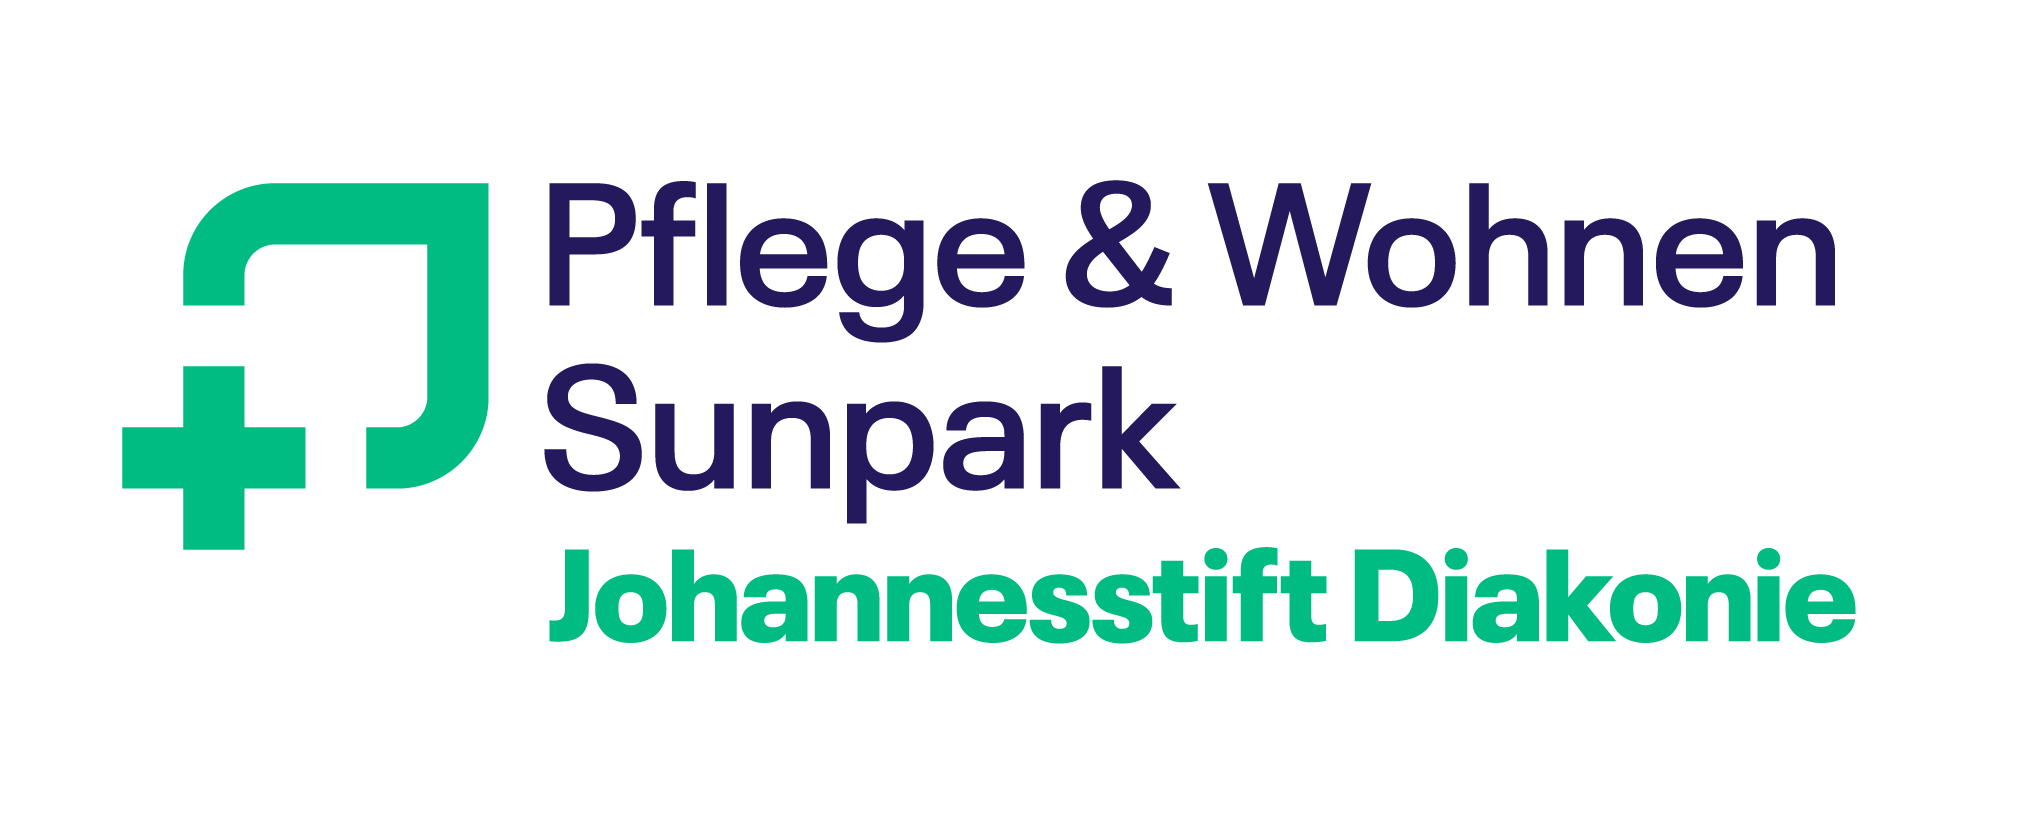 Logo: Pflege & Wohnen Sunpark